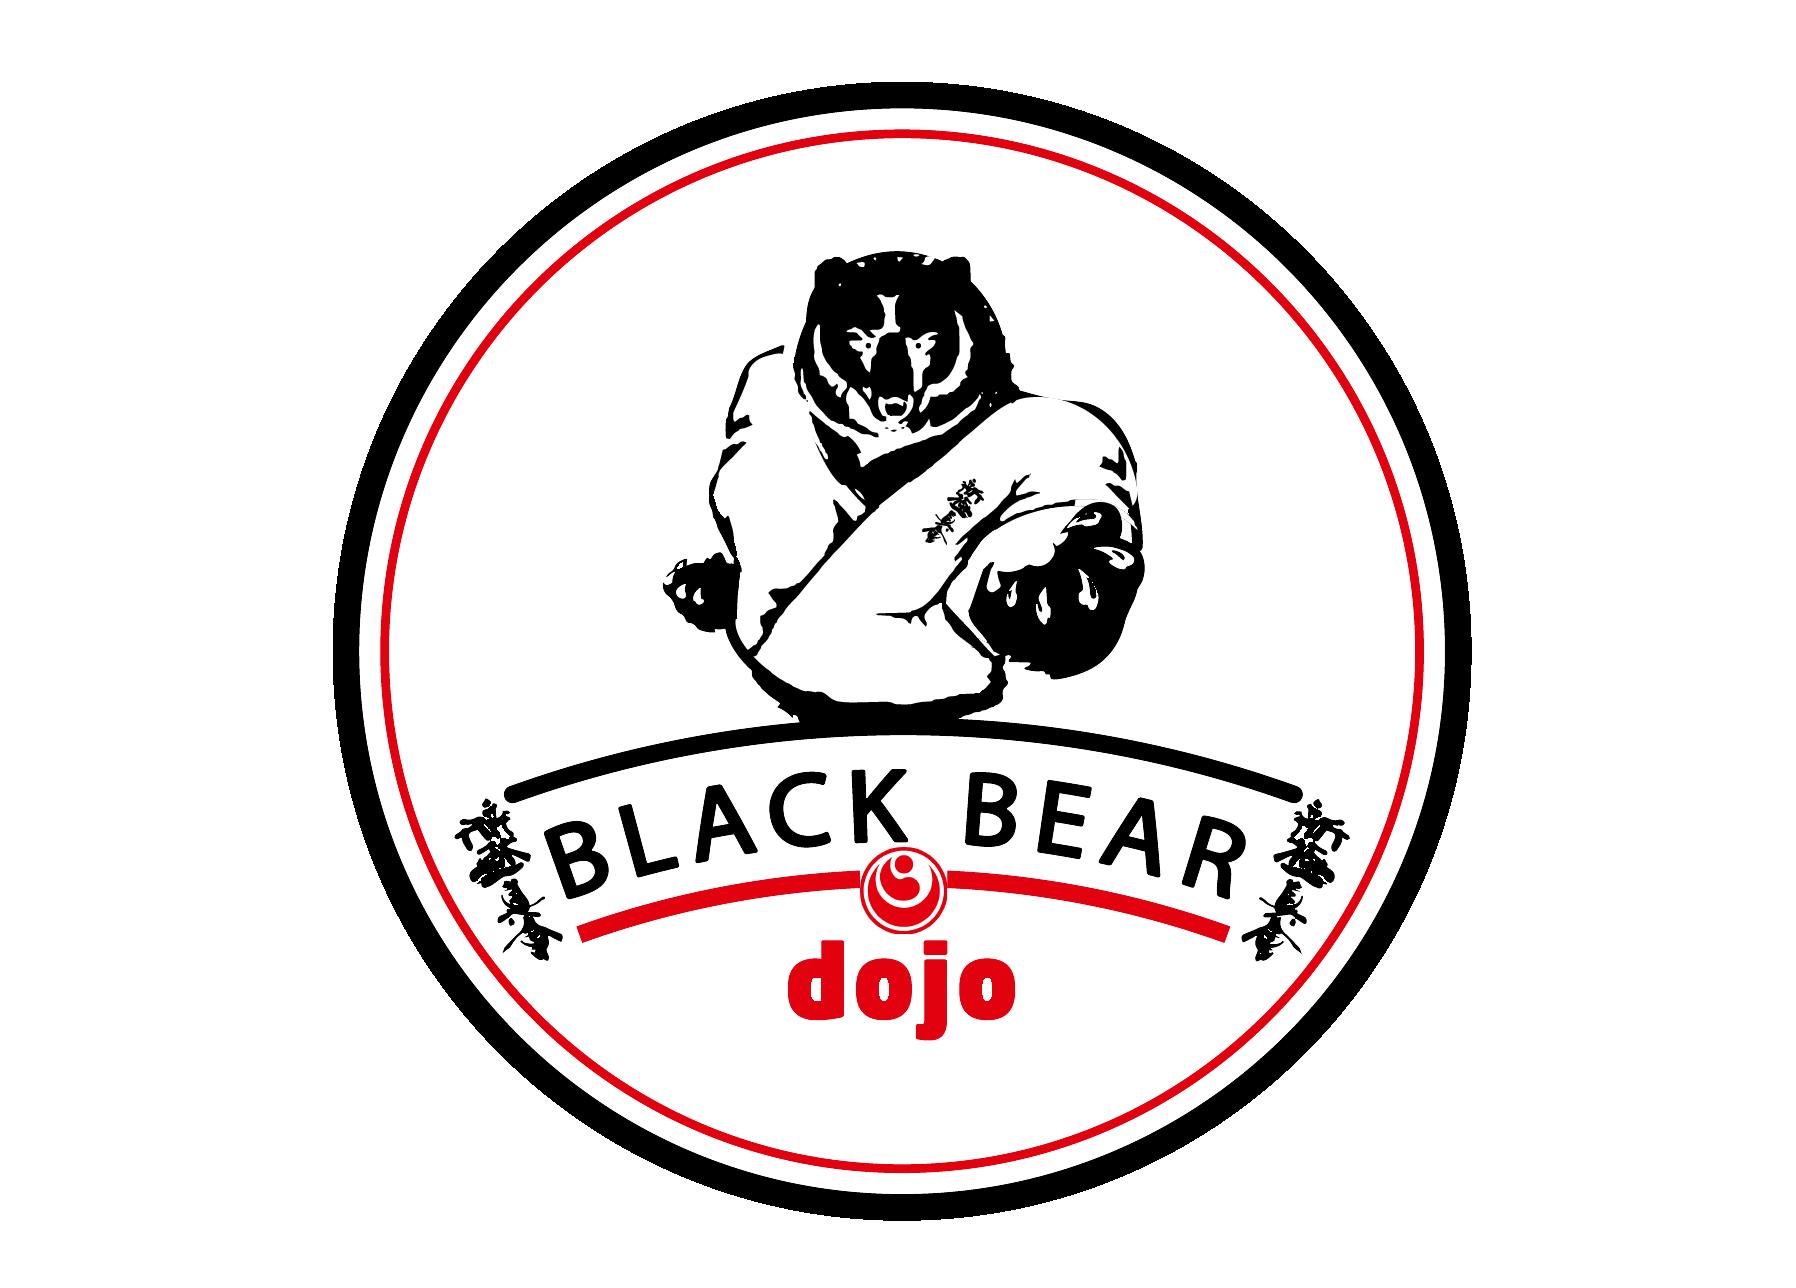 Black Bear Dojo